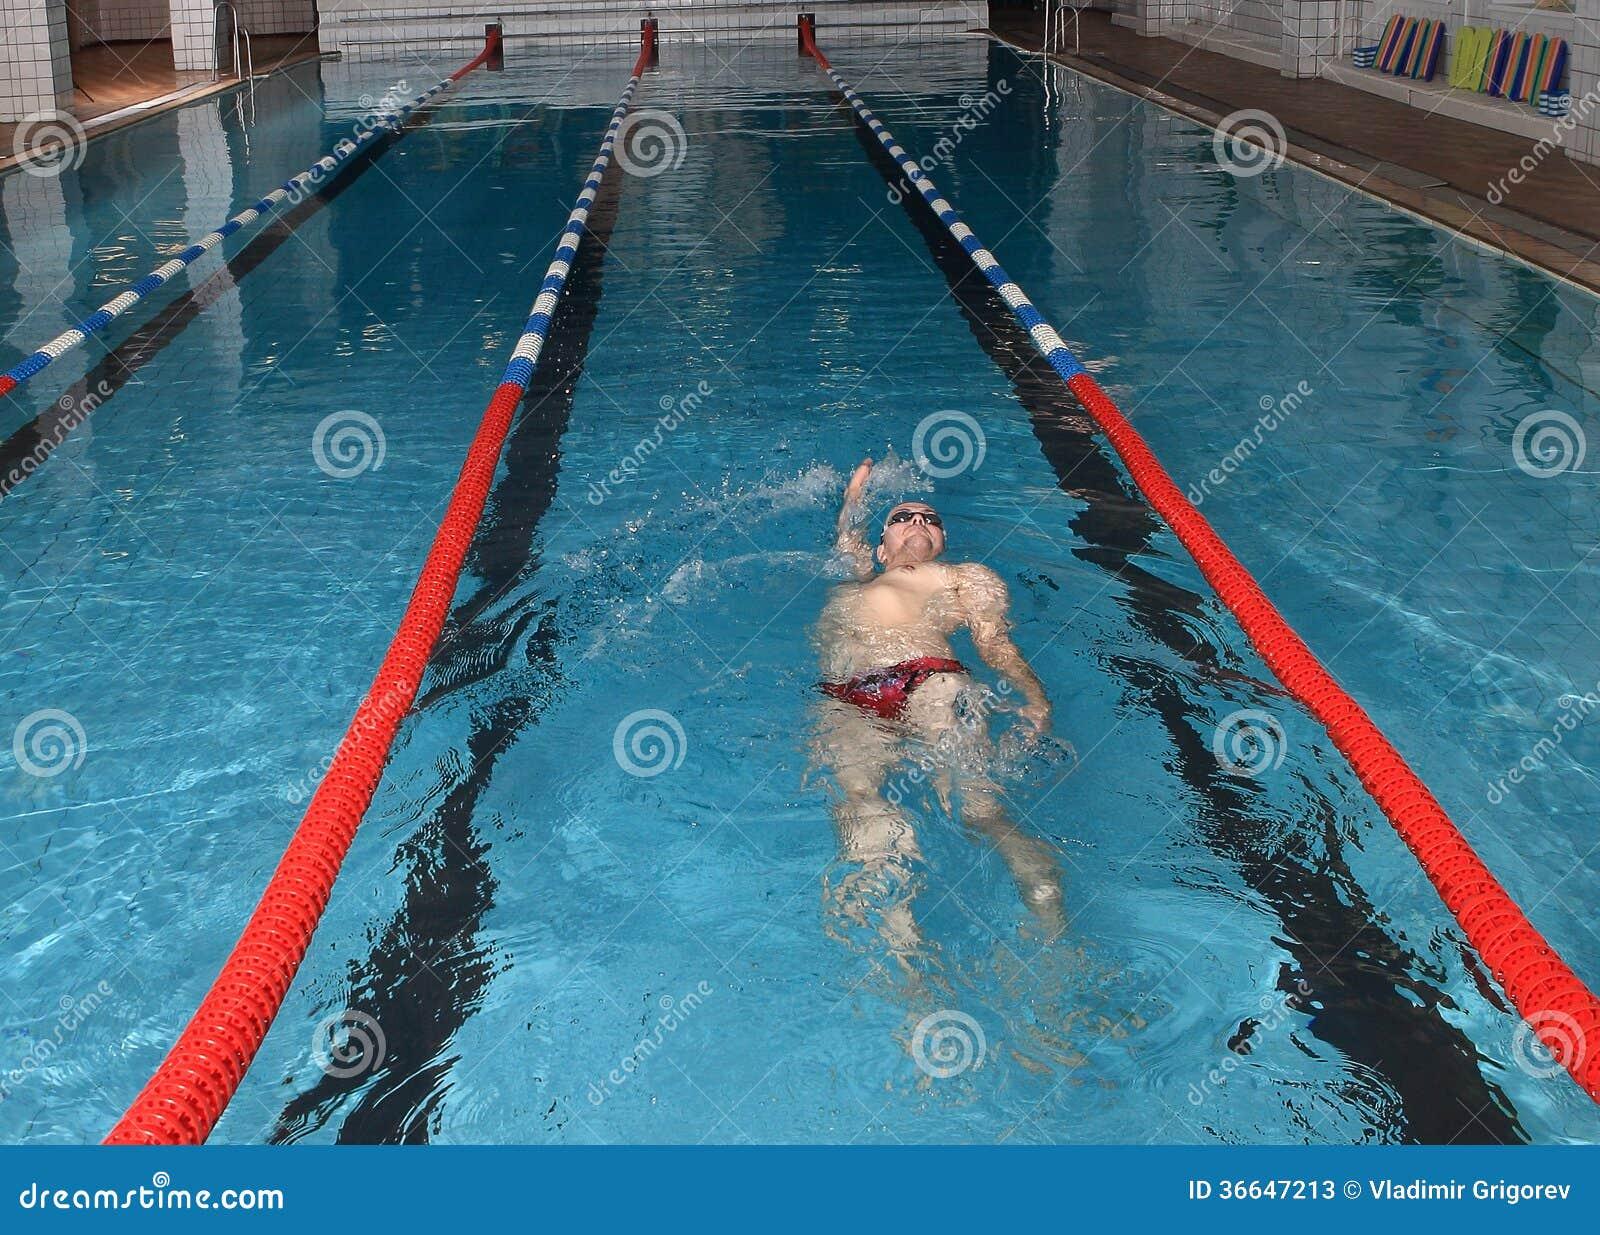 Public Swimming Pool public swimming pool editorial photo - image: 17679971